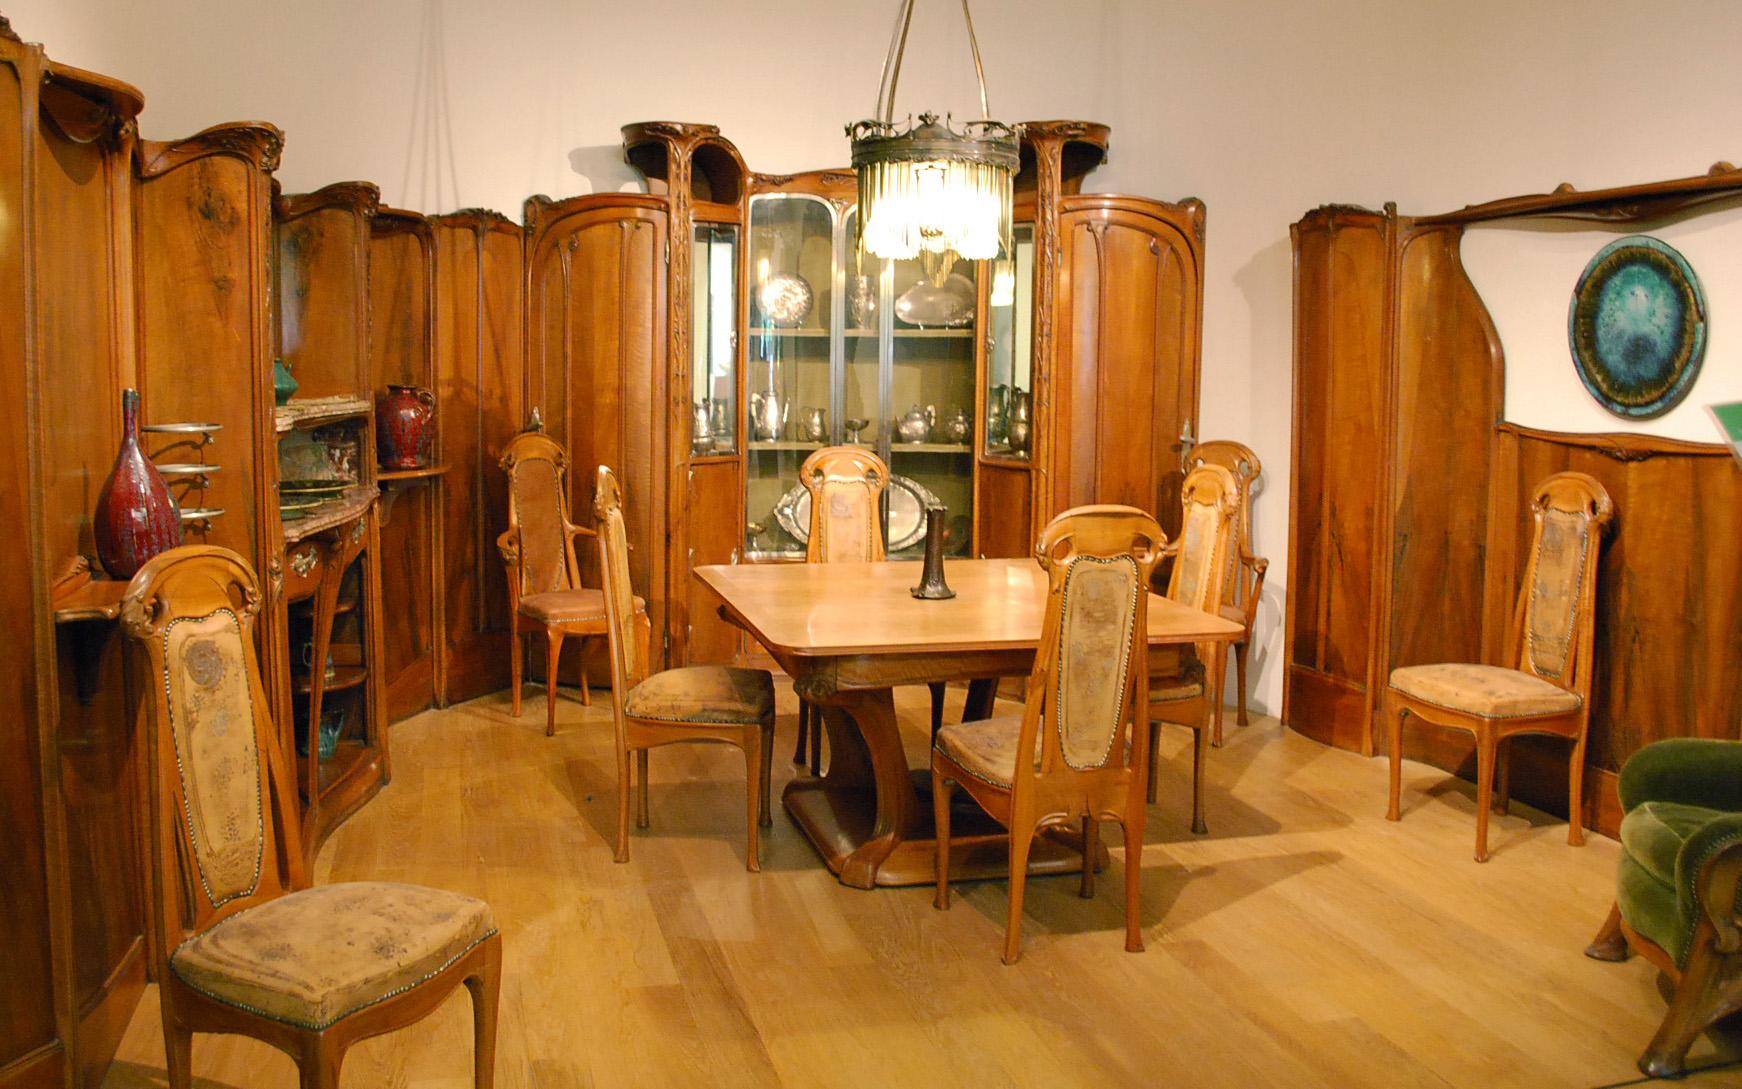 De Salle À Manger file:la salle à manger de l'hôtel guimard - wikimedia